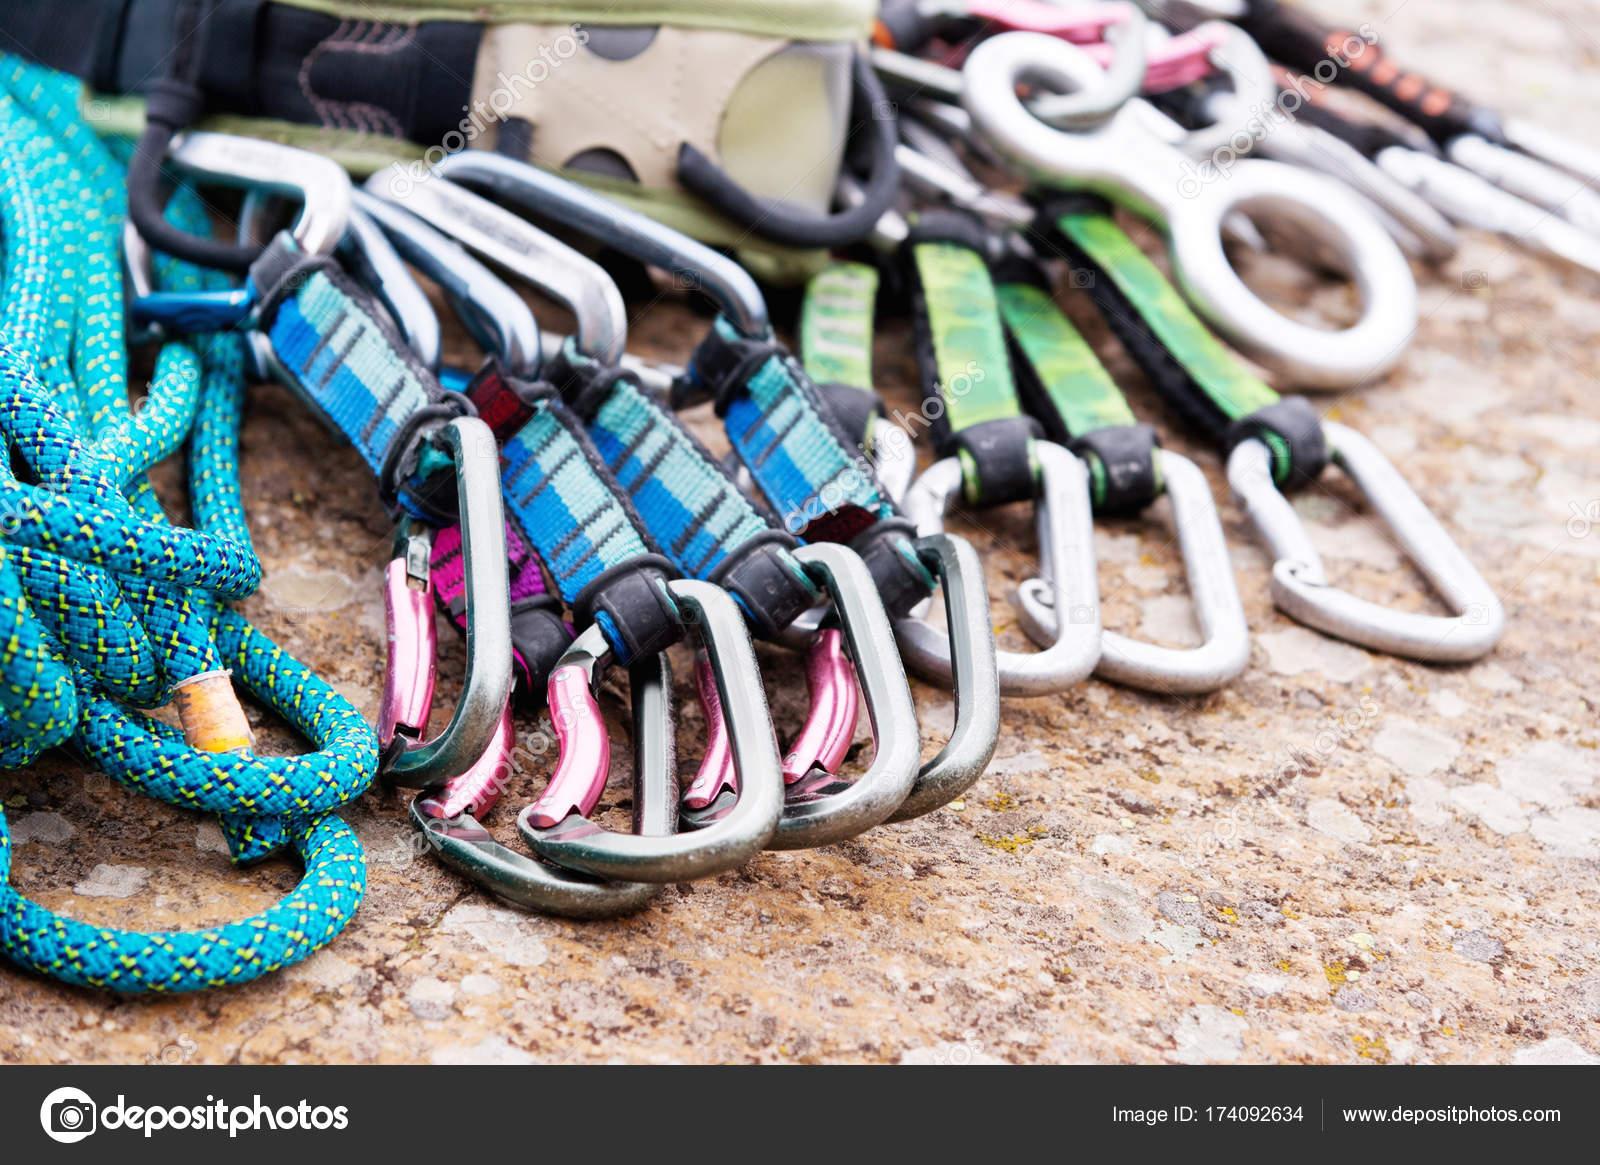 Klettergurt Aus Seil Machen : Kletterausrüstung einem klettergurt und seil neben liegen